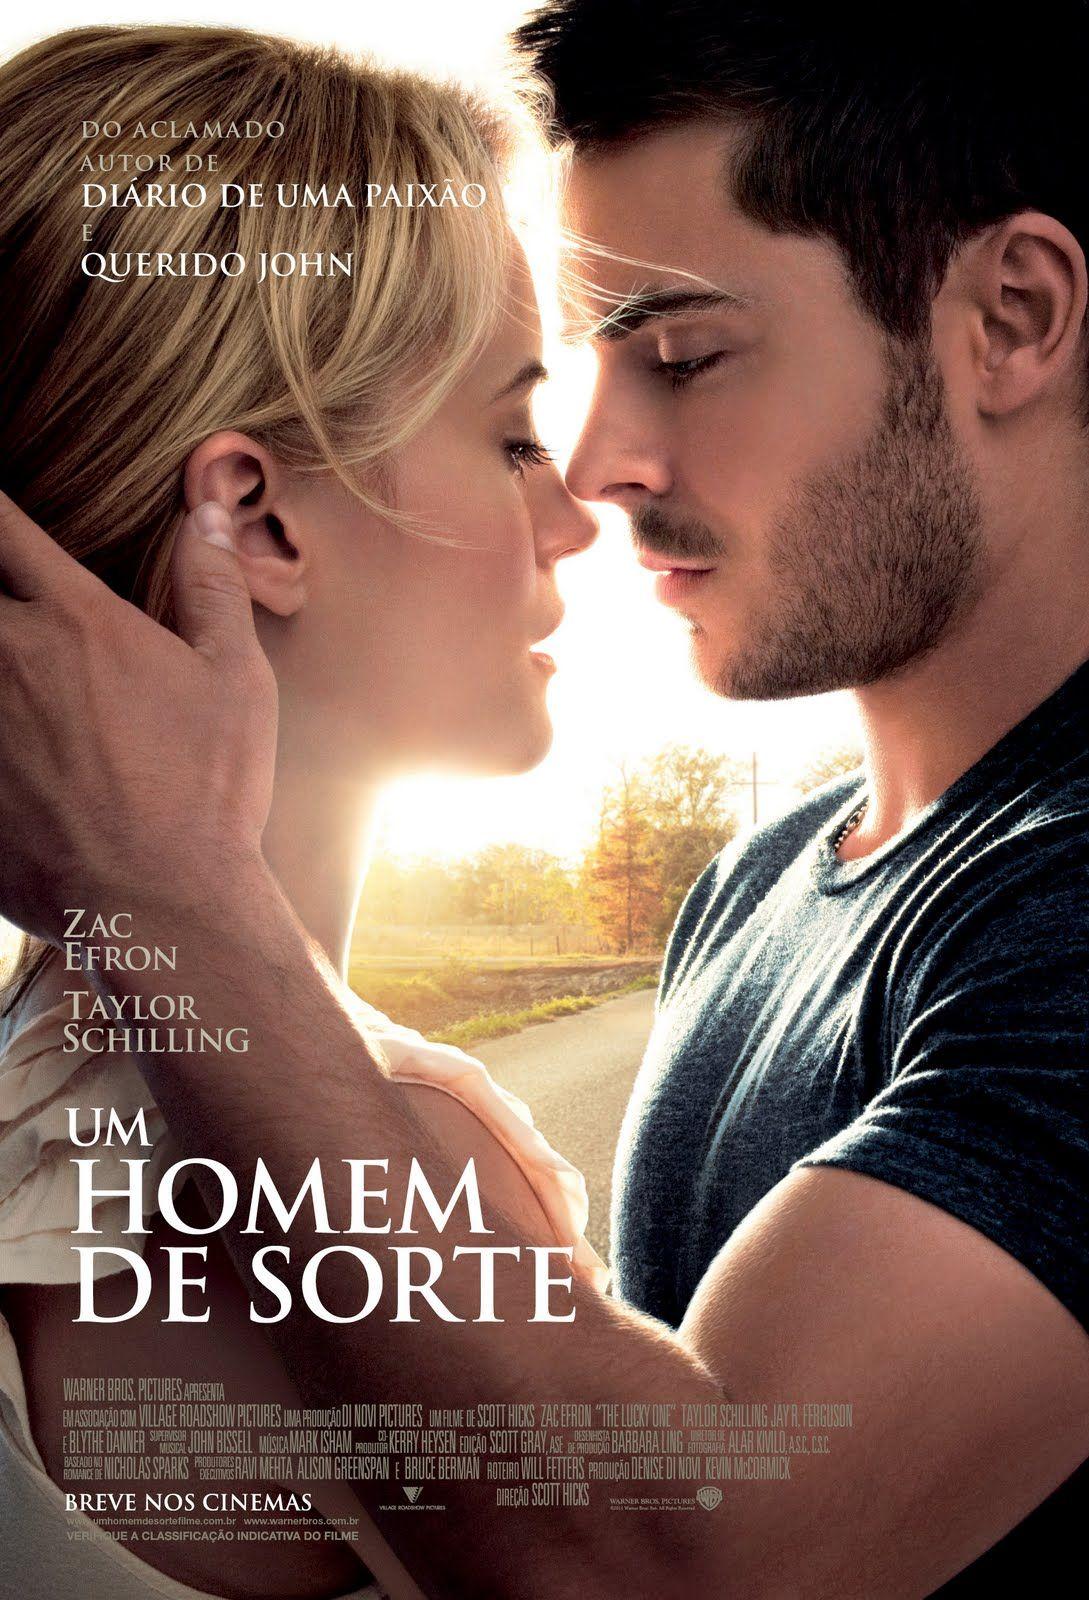 Pin De Gabrielly Litaiff Em Filmes Legais Filmes De Romance